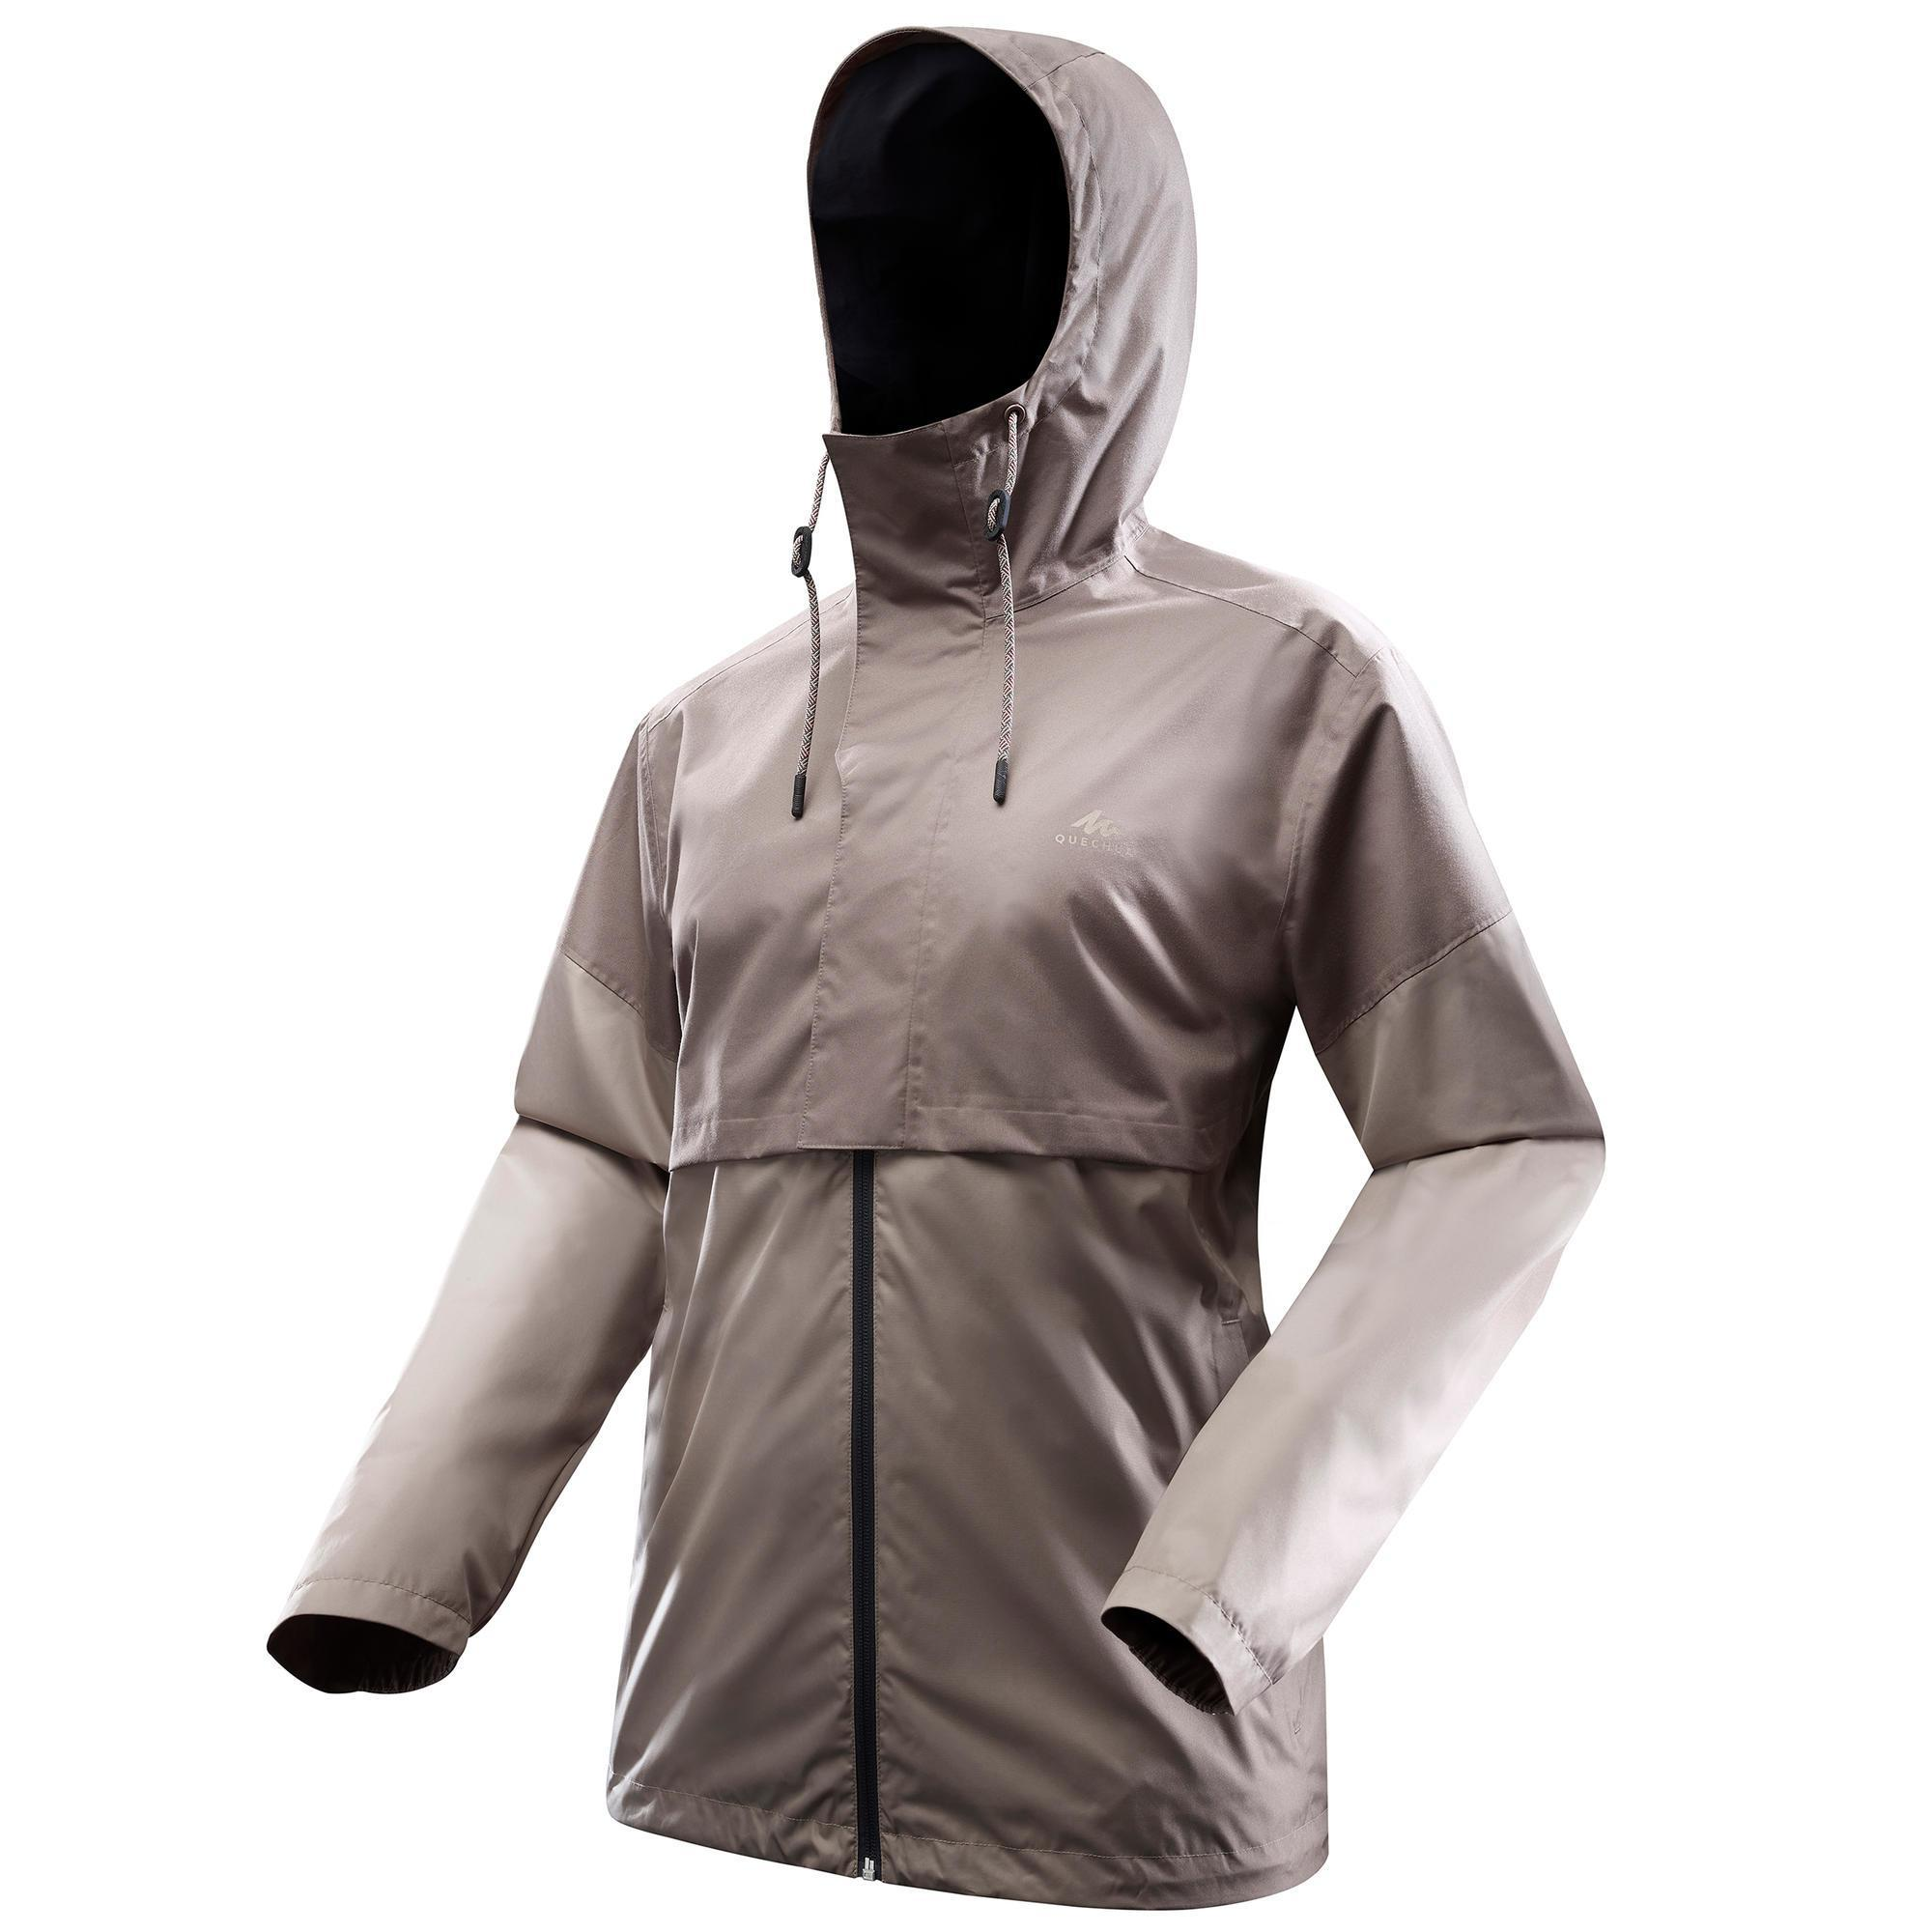 Regenjacke Outdoor Angeln Trekking Wandern Schwarz GroßEr Ausverkauf Bekleidung